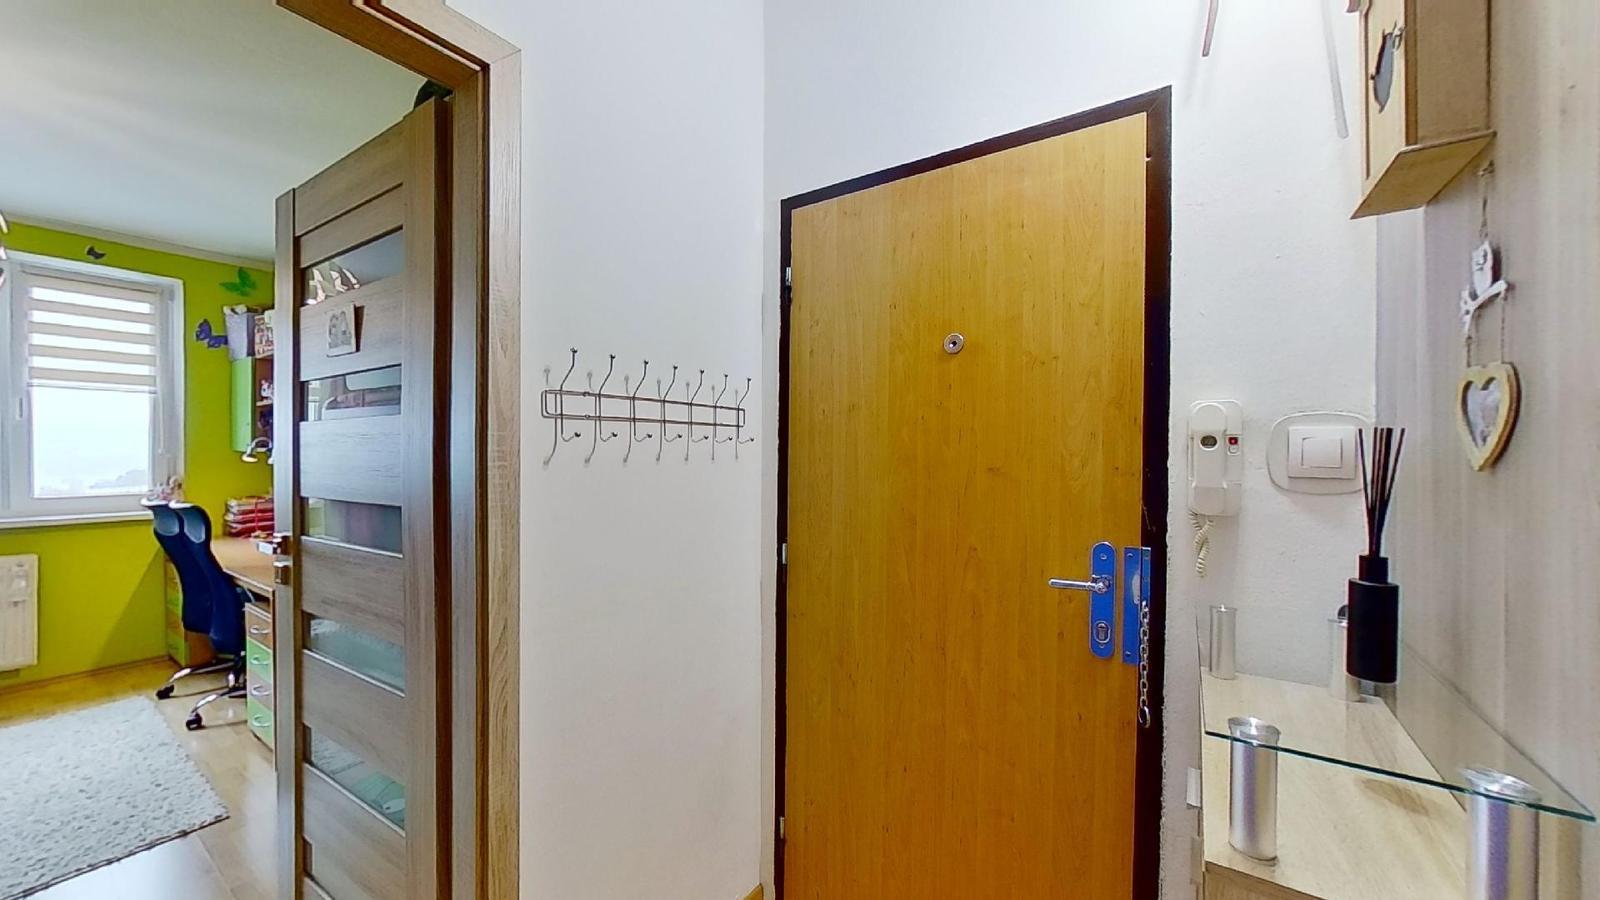 Zmodernizovaný 3-izbový byt v Čadci +421 918 127 259 - Obrázok č. 3